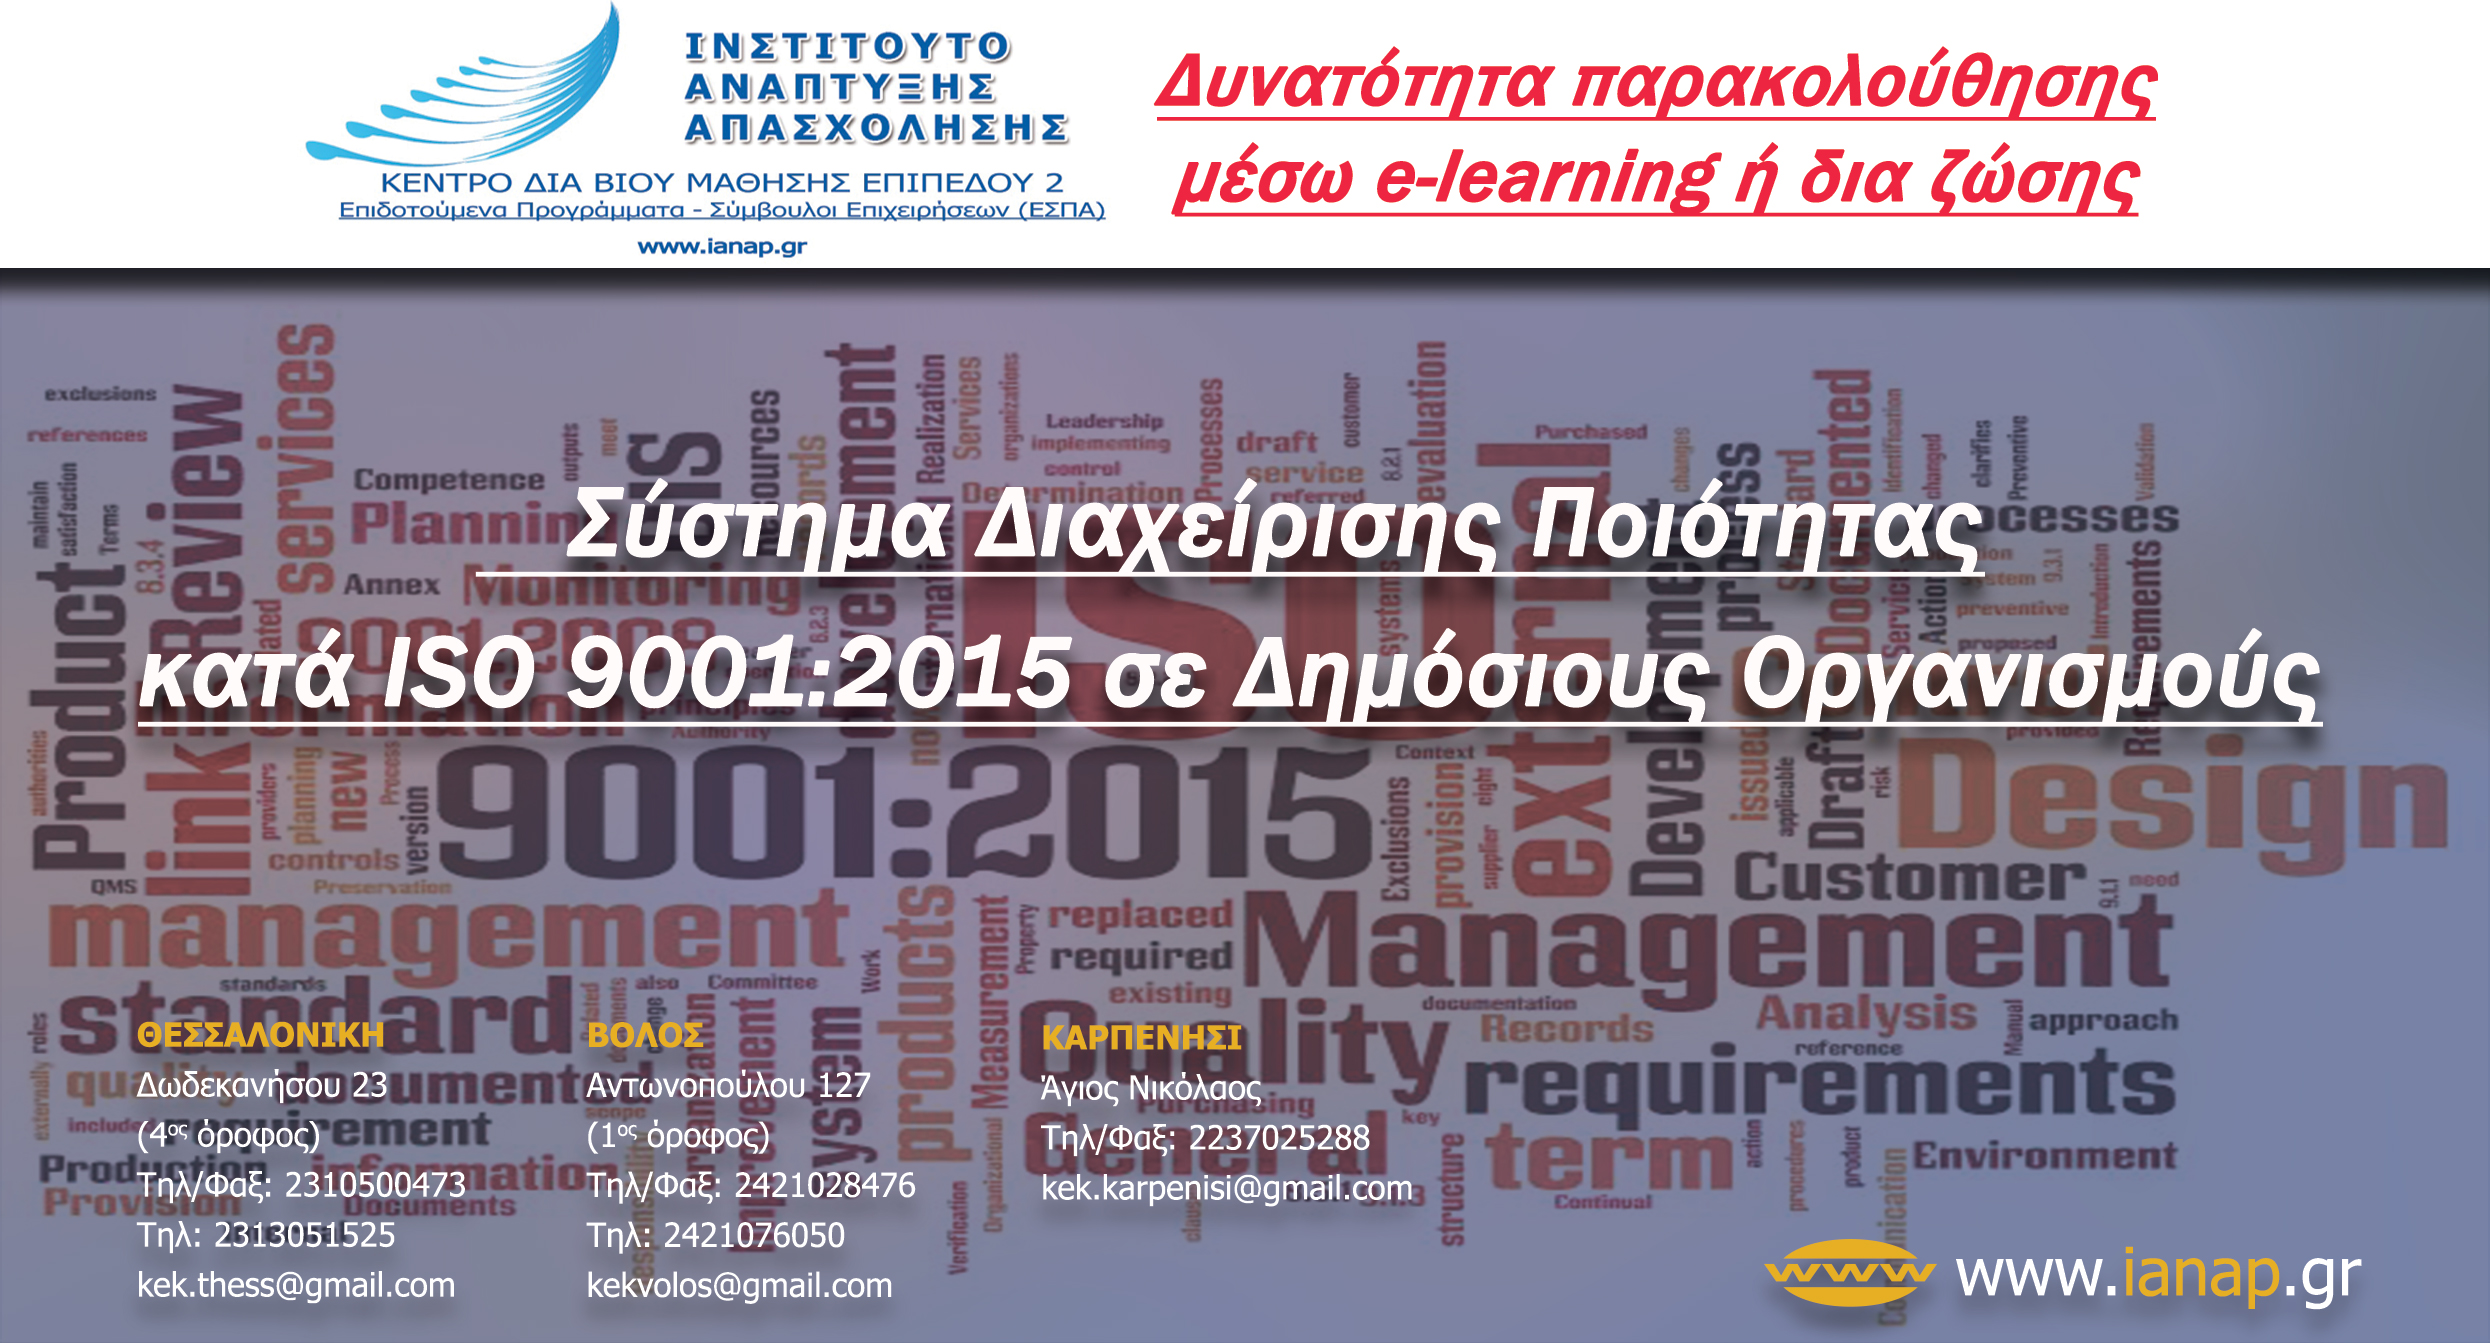 Σύστημα Διαχείρισης Ποιότητας κατά ISO 9001:2015 σε Δημόσιους Οργανισμούς